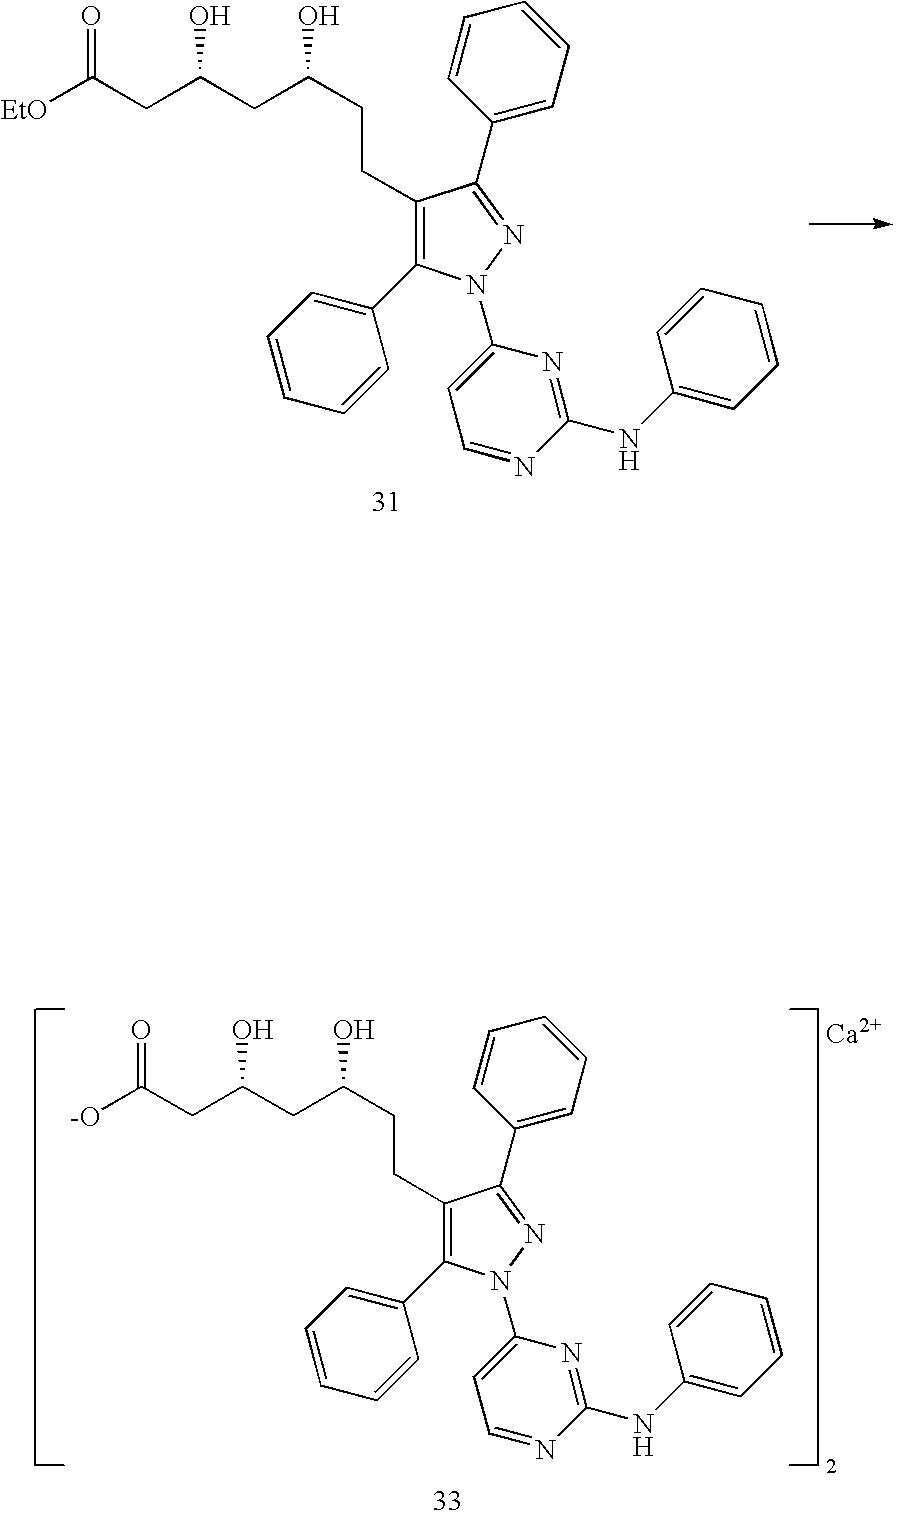 Figure US07183285-20070227-C00152